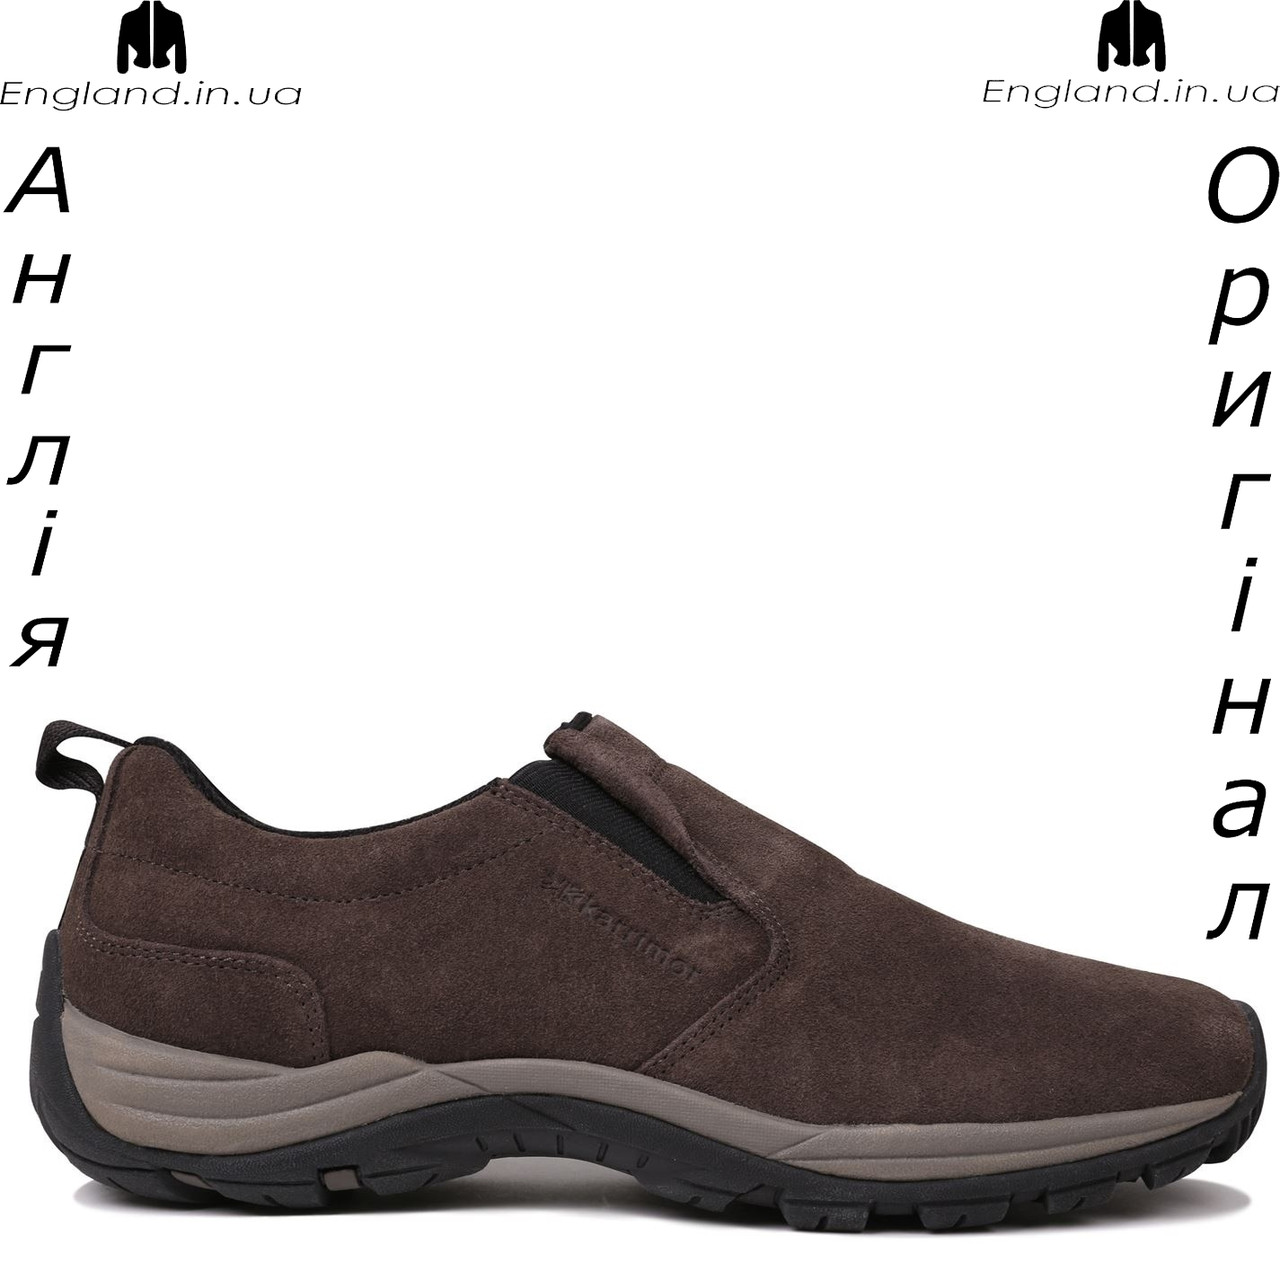 Кроссовки мужские кожаные Karrimor из Англии - трекинговые